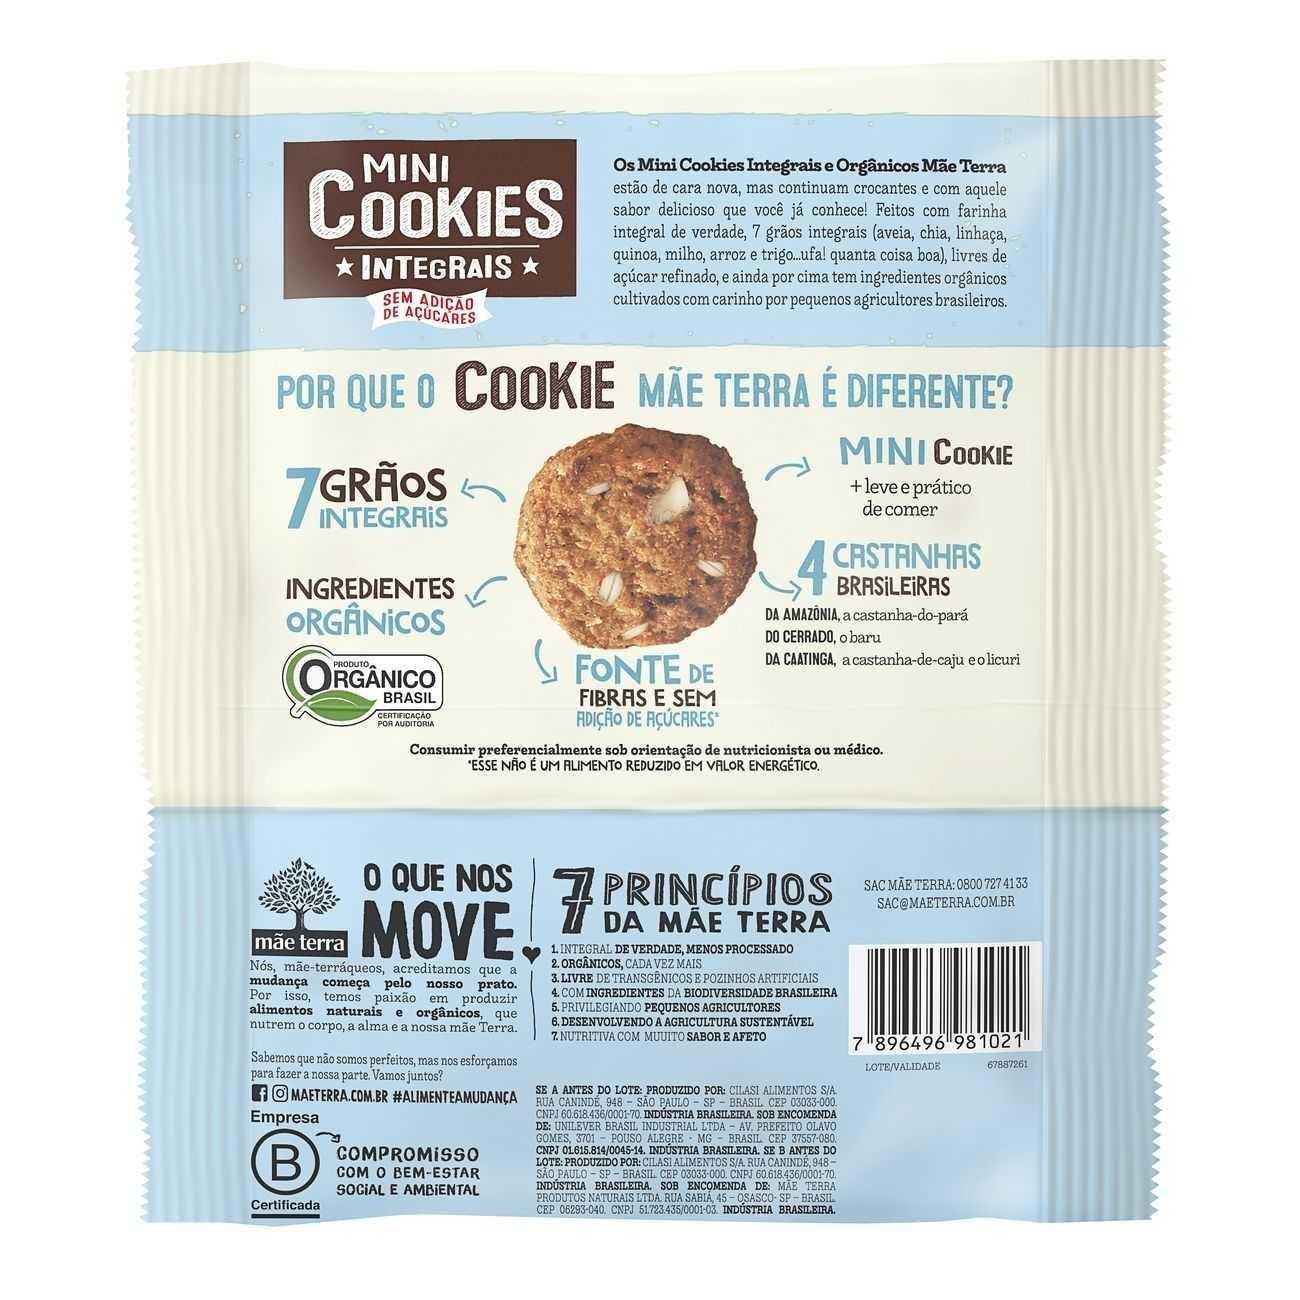 Cookie Integral Org�nico Diet 4 Castanhas Brasileiras 120g